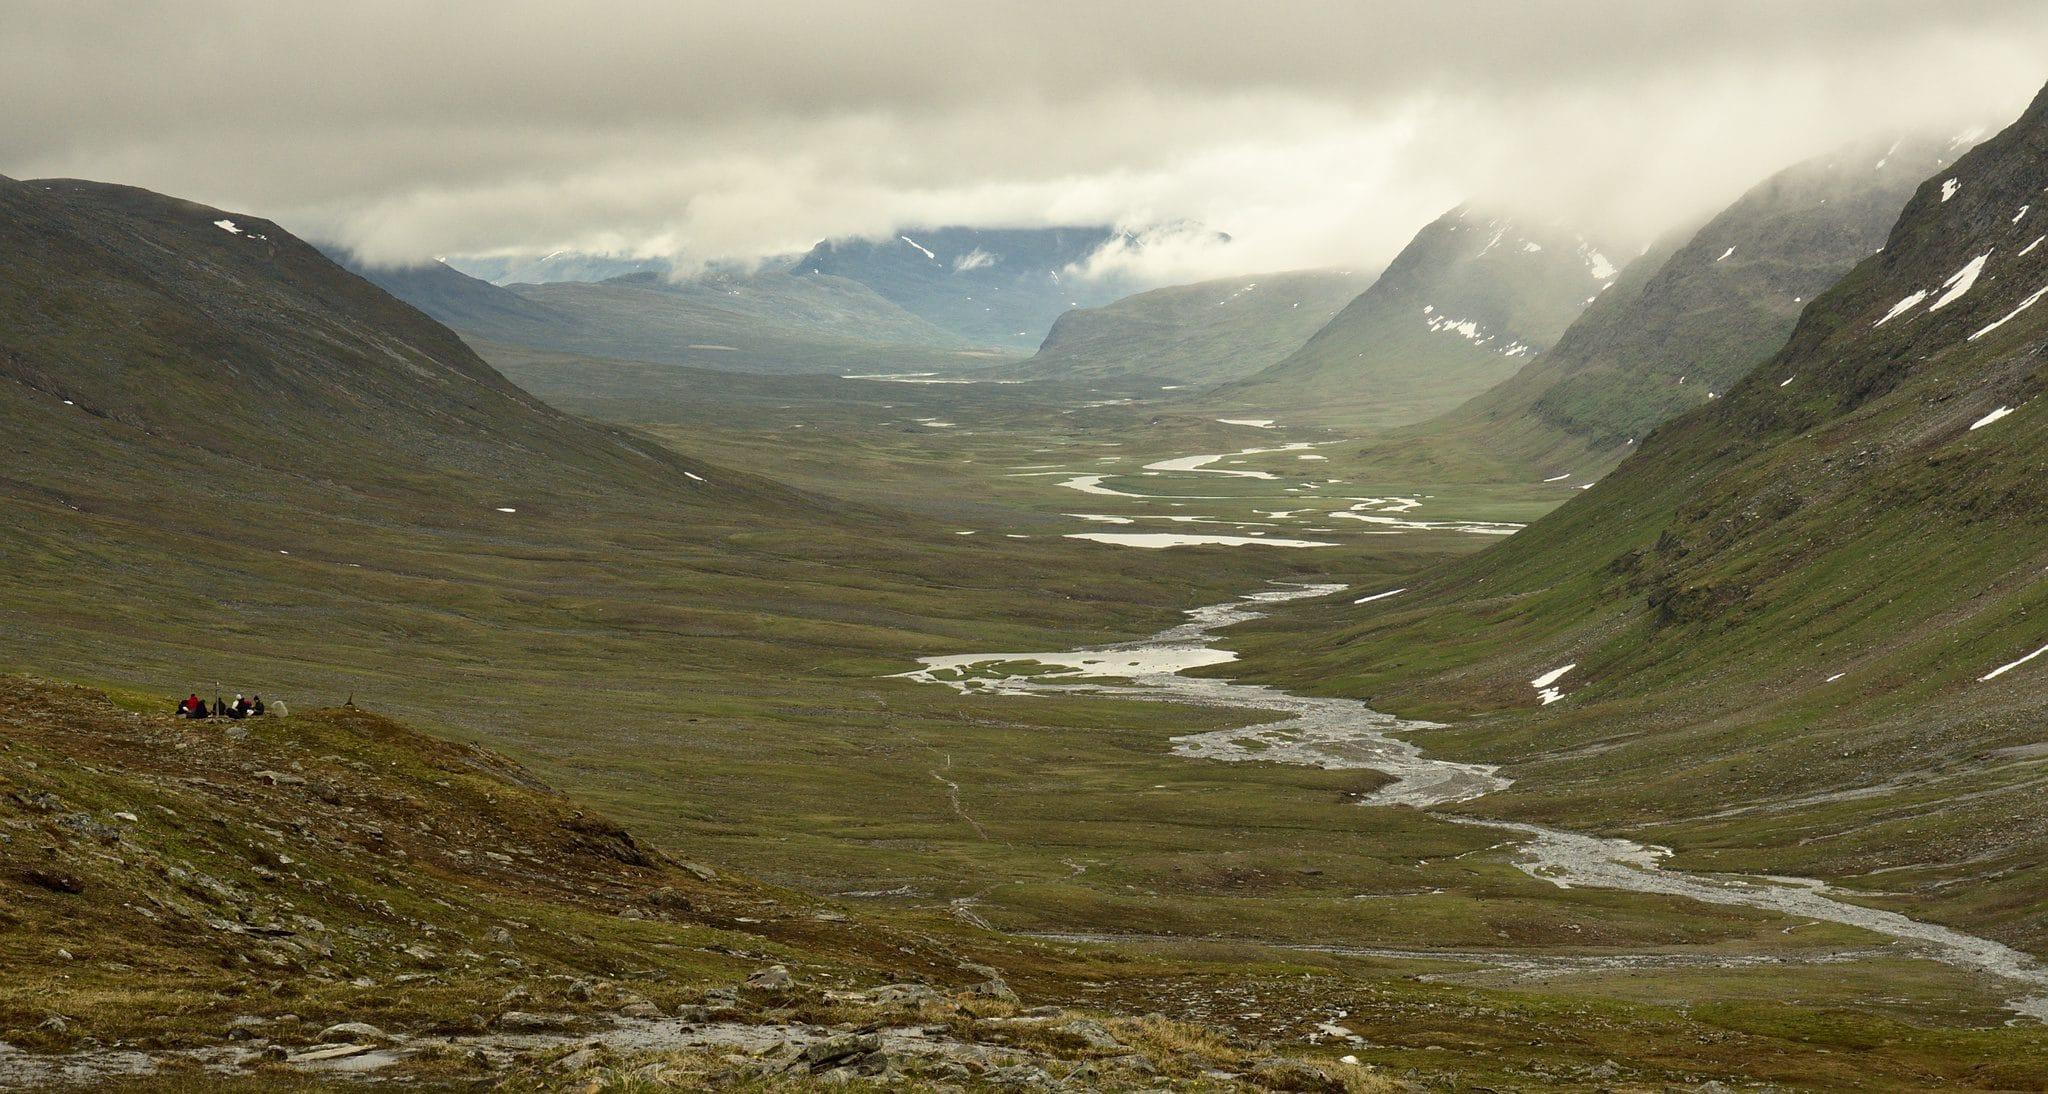 Utsikt fra Tjäktjapasset, legg merke til ansamlingen av folk til venstre, på en meditationsplats